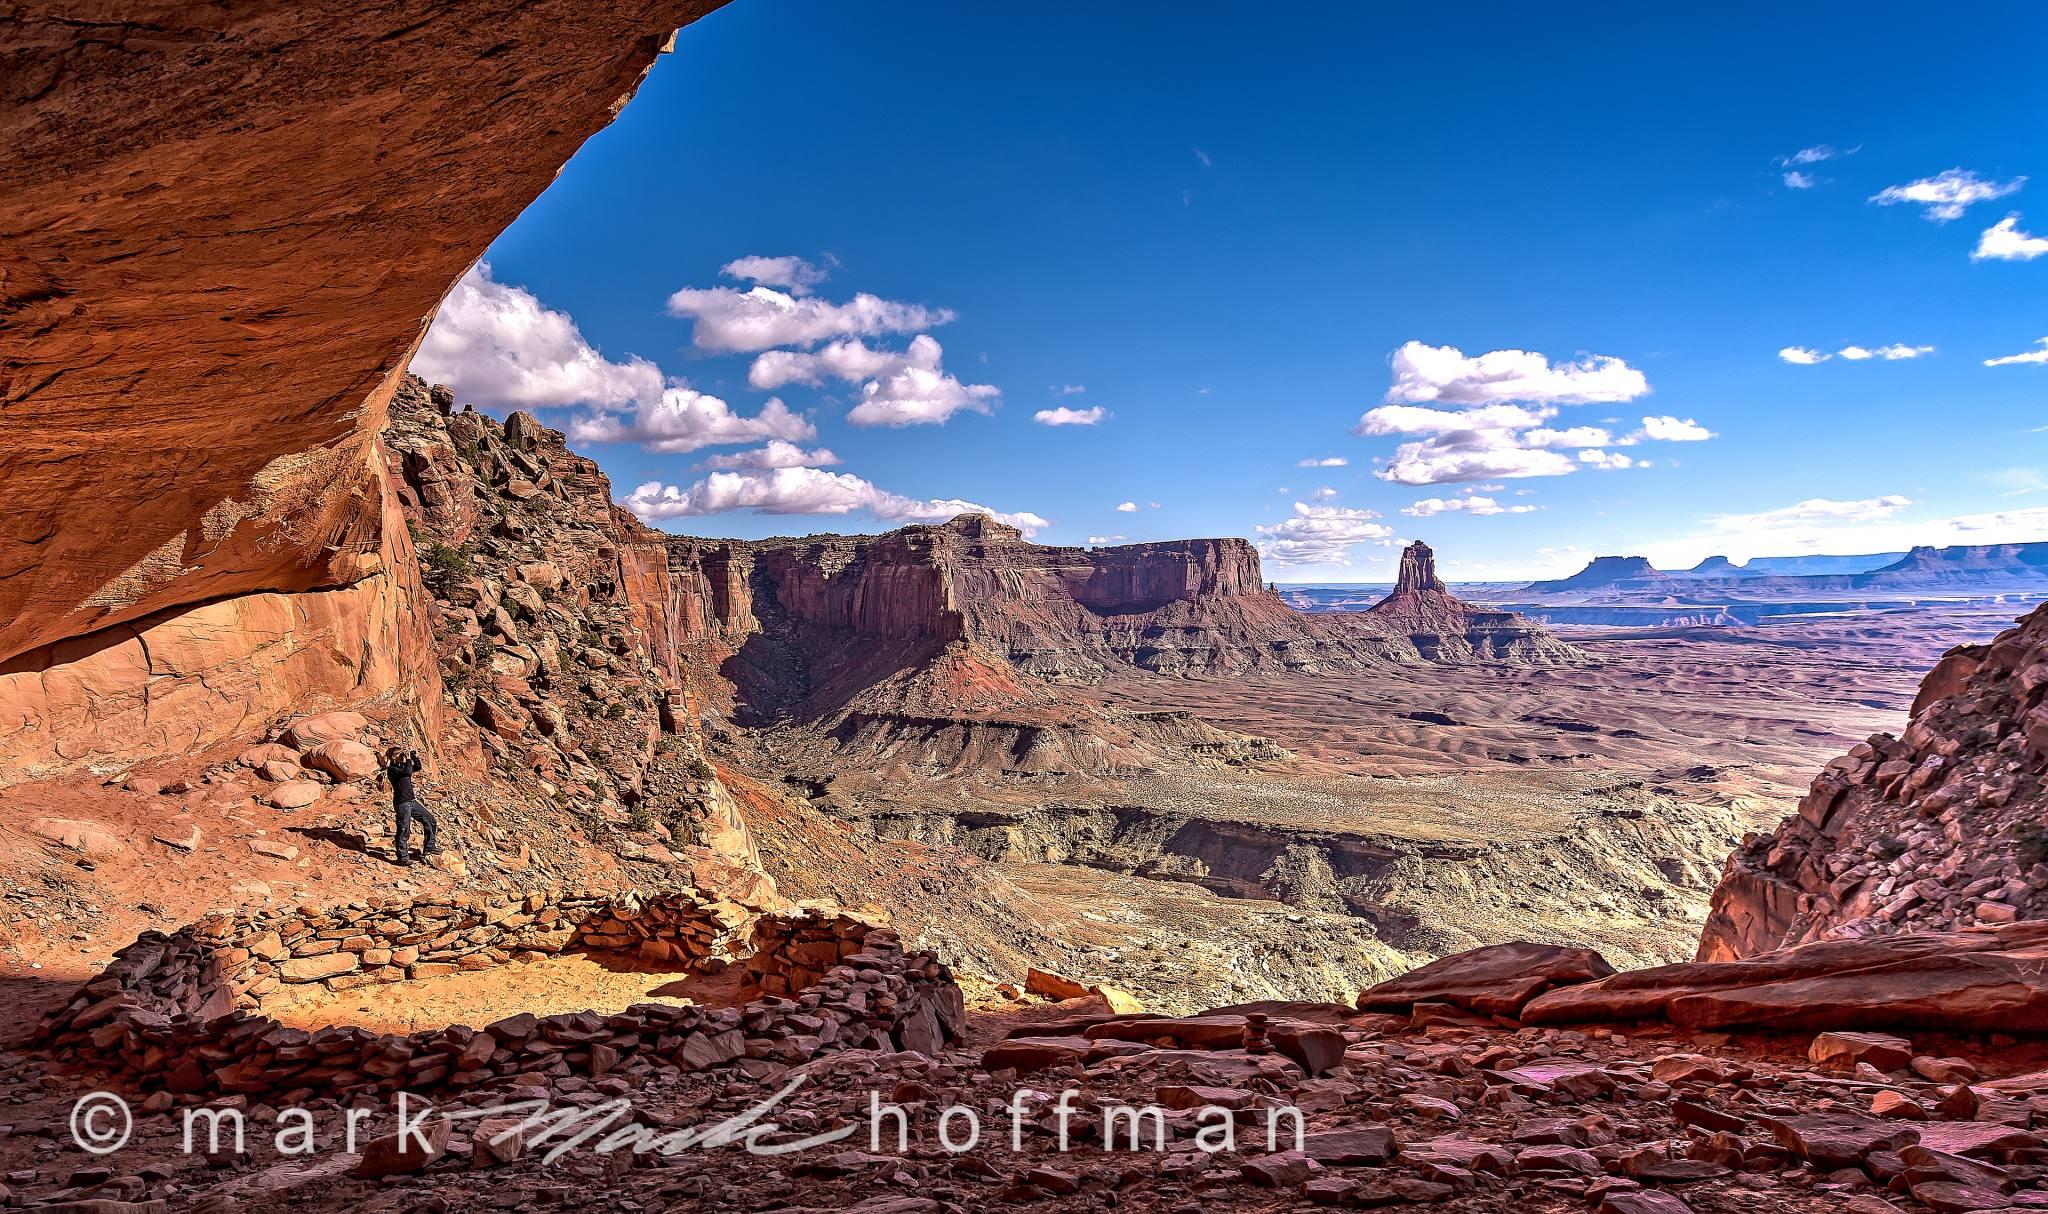 Mark_Hoffman_20140512_0208_09_10_PFX8_psd_cap1_var1.jpg